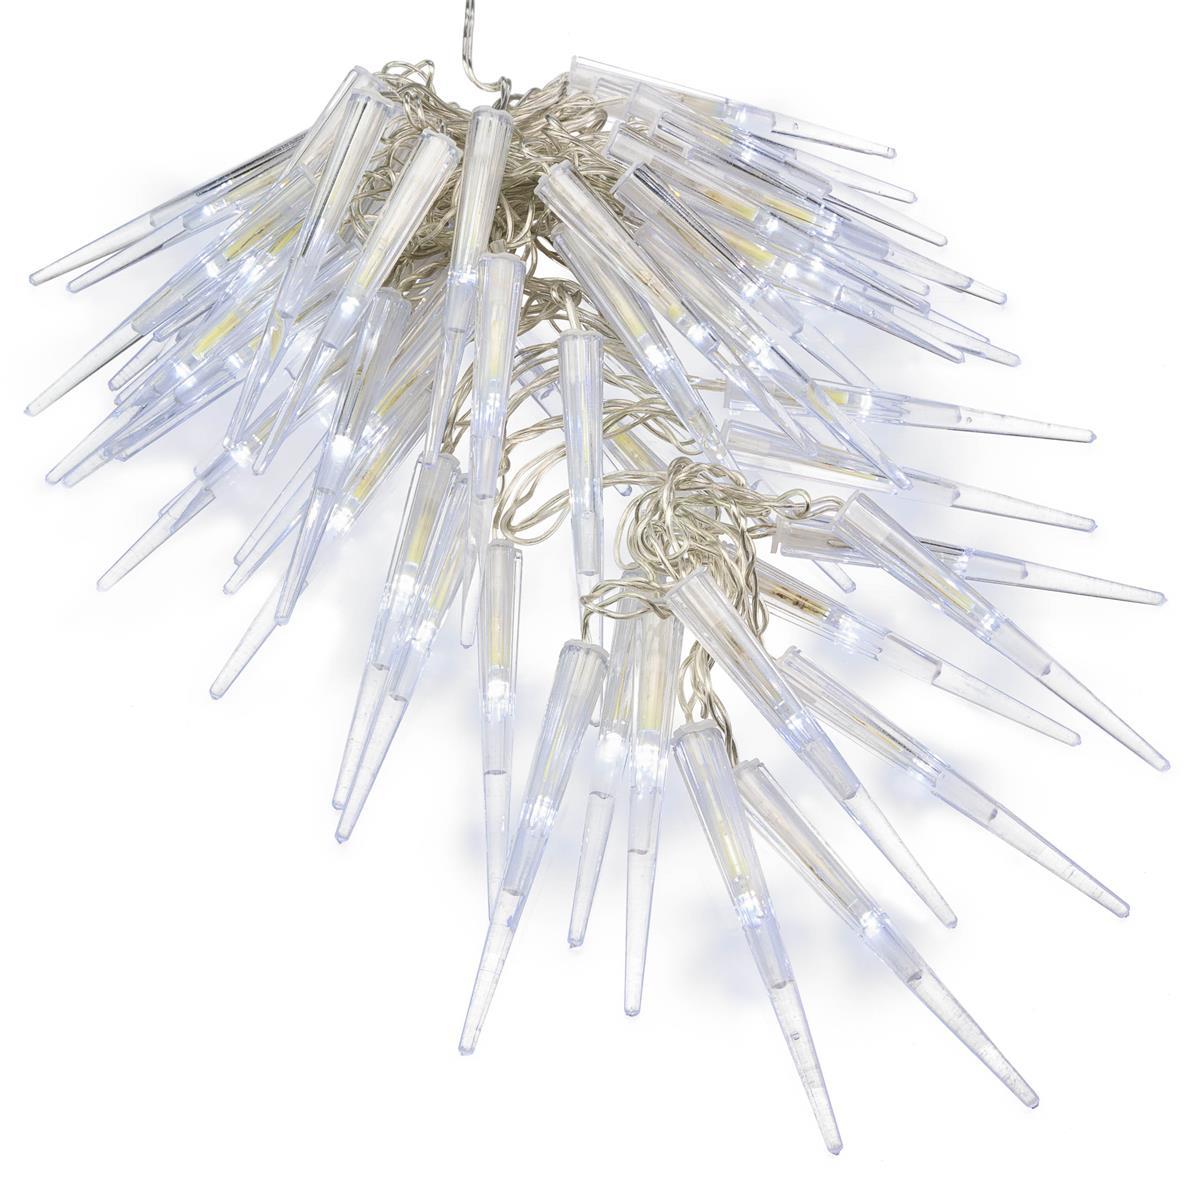 60 LED Eiszapfenkette Lichterkette Eiszapfen weiß Trafo Timer transparentes Kabe